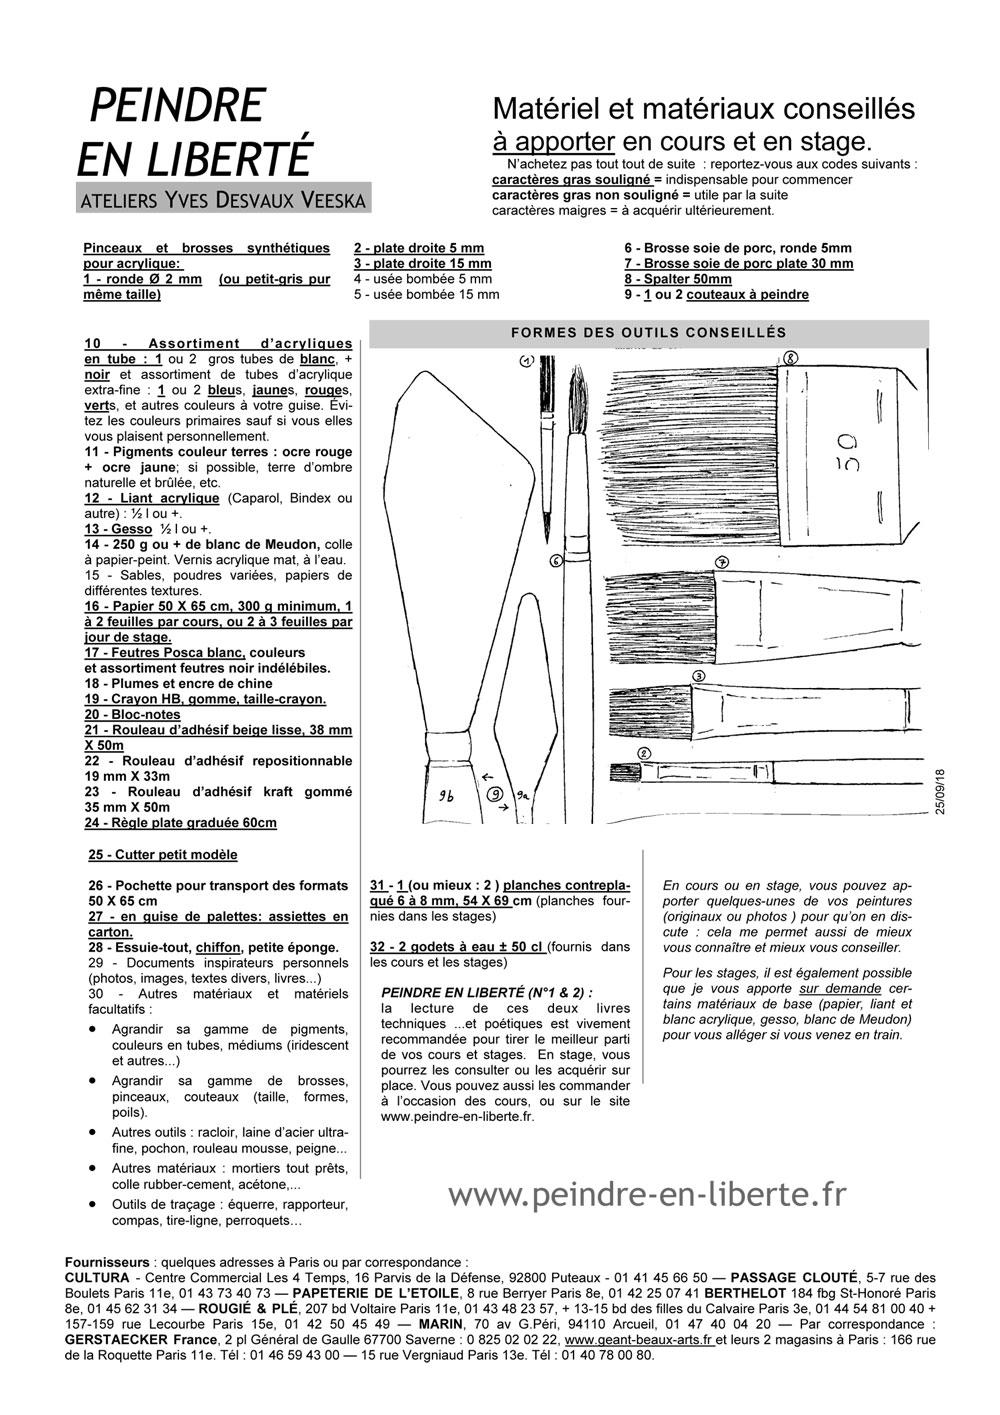 Liste matériel cours et stages de peinture